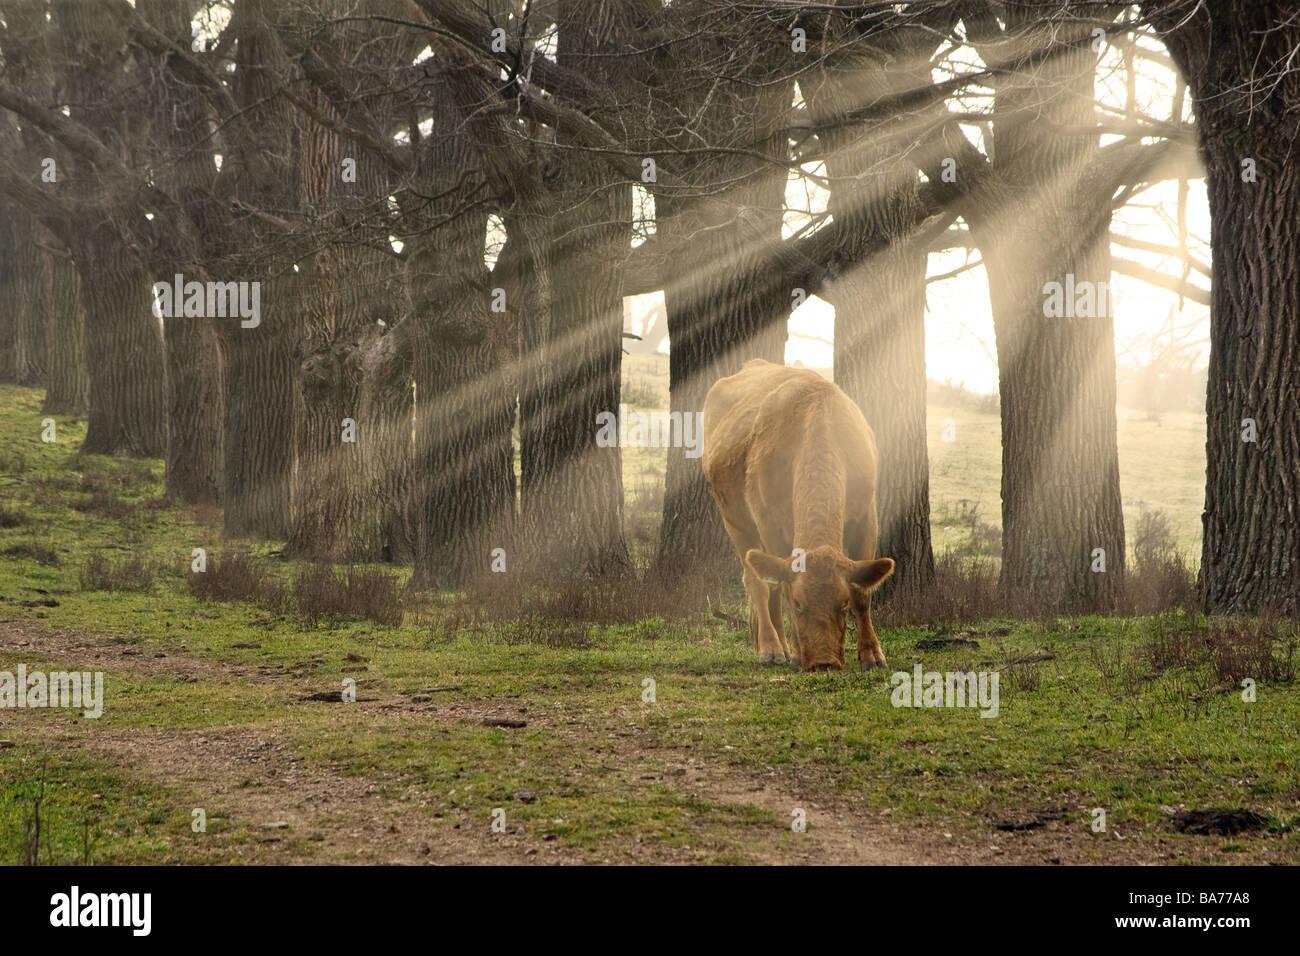 Une vache mange de l'herbe le matin avec les rayons du soleil à travers les arbres Photo Stock